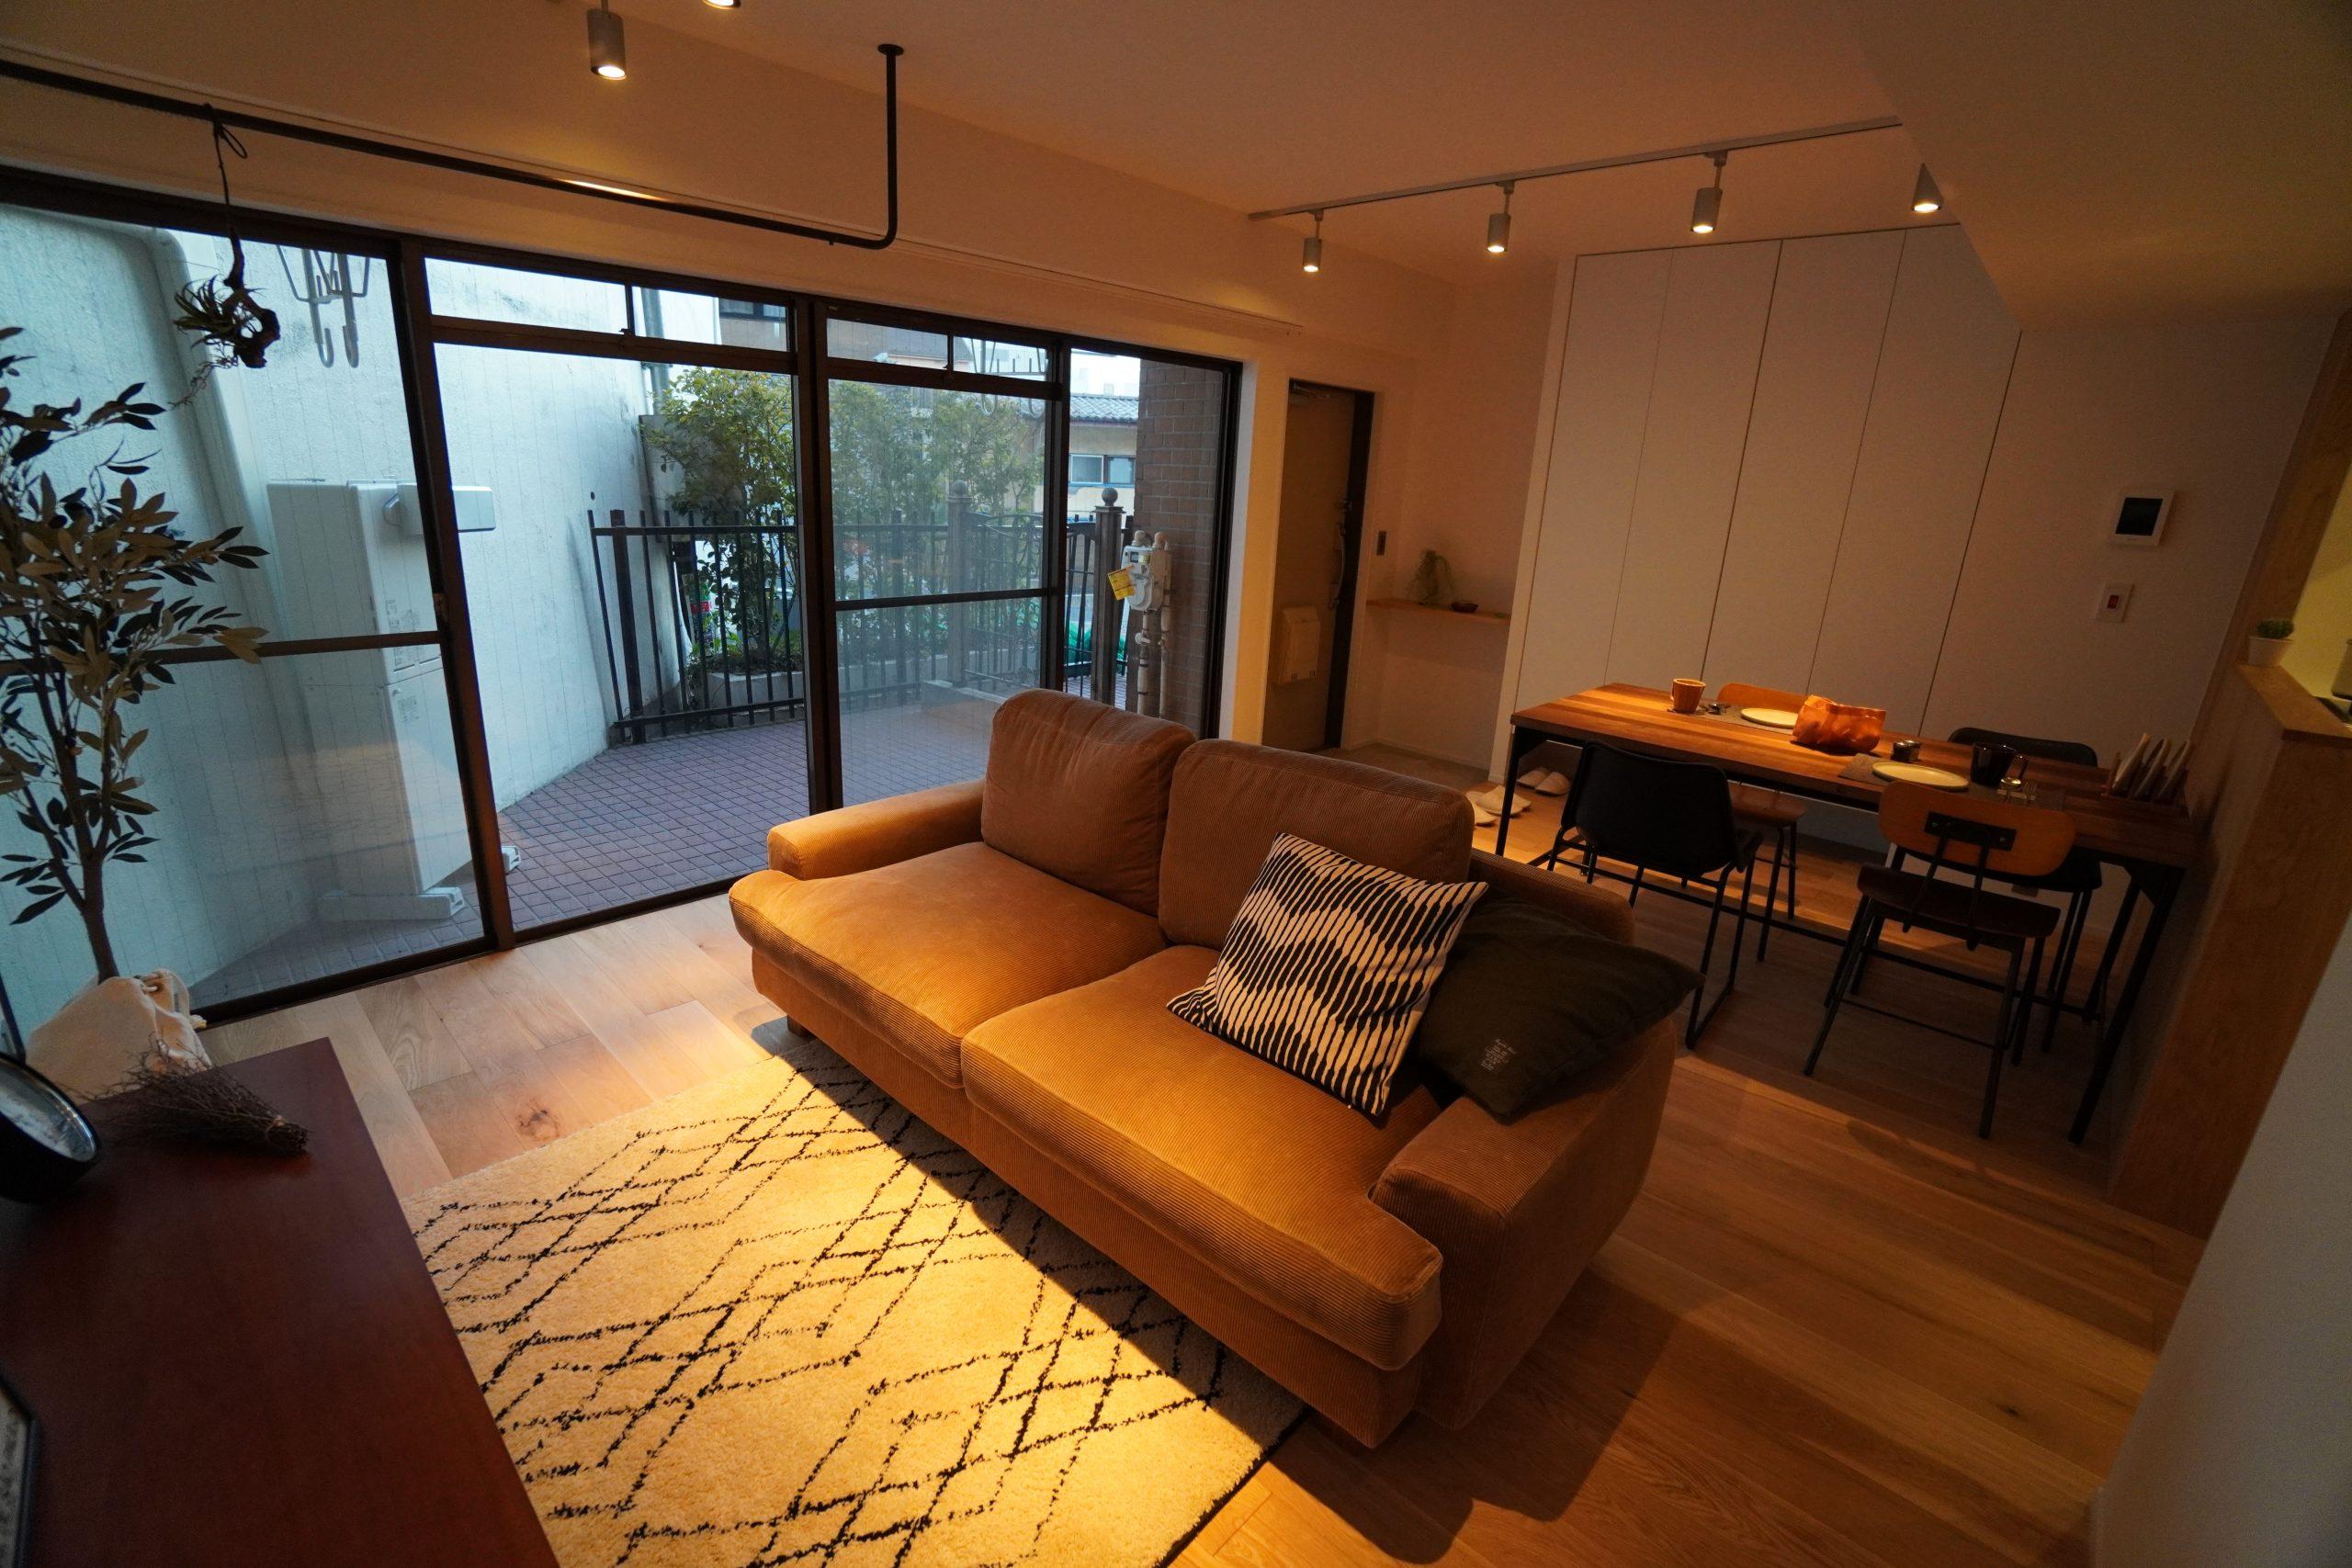 ハラダサンパークマンション恵比寿台の写真4